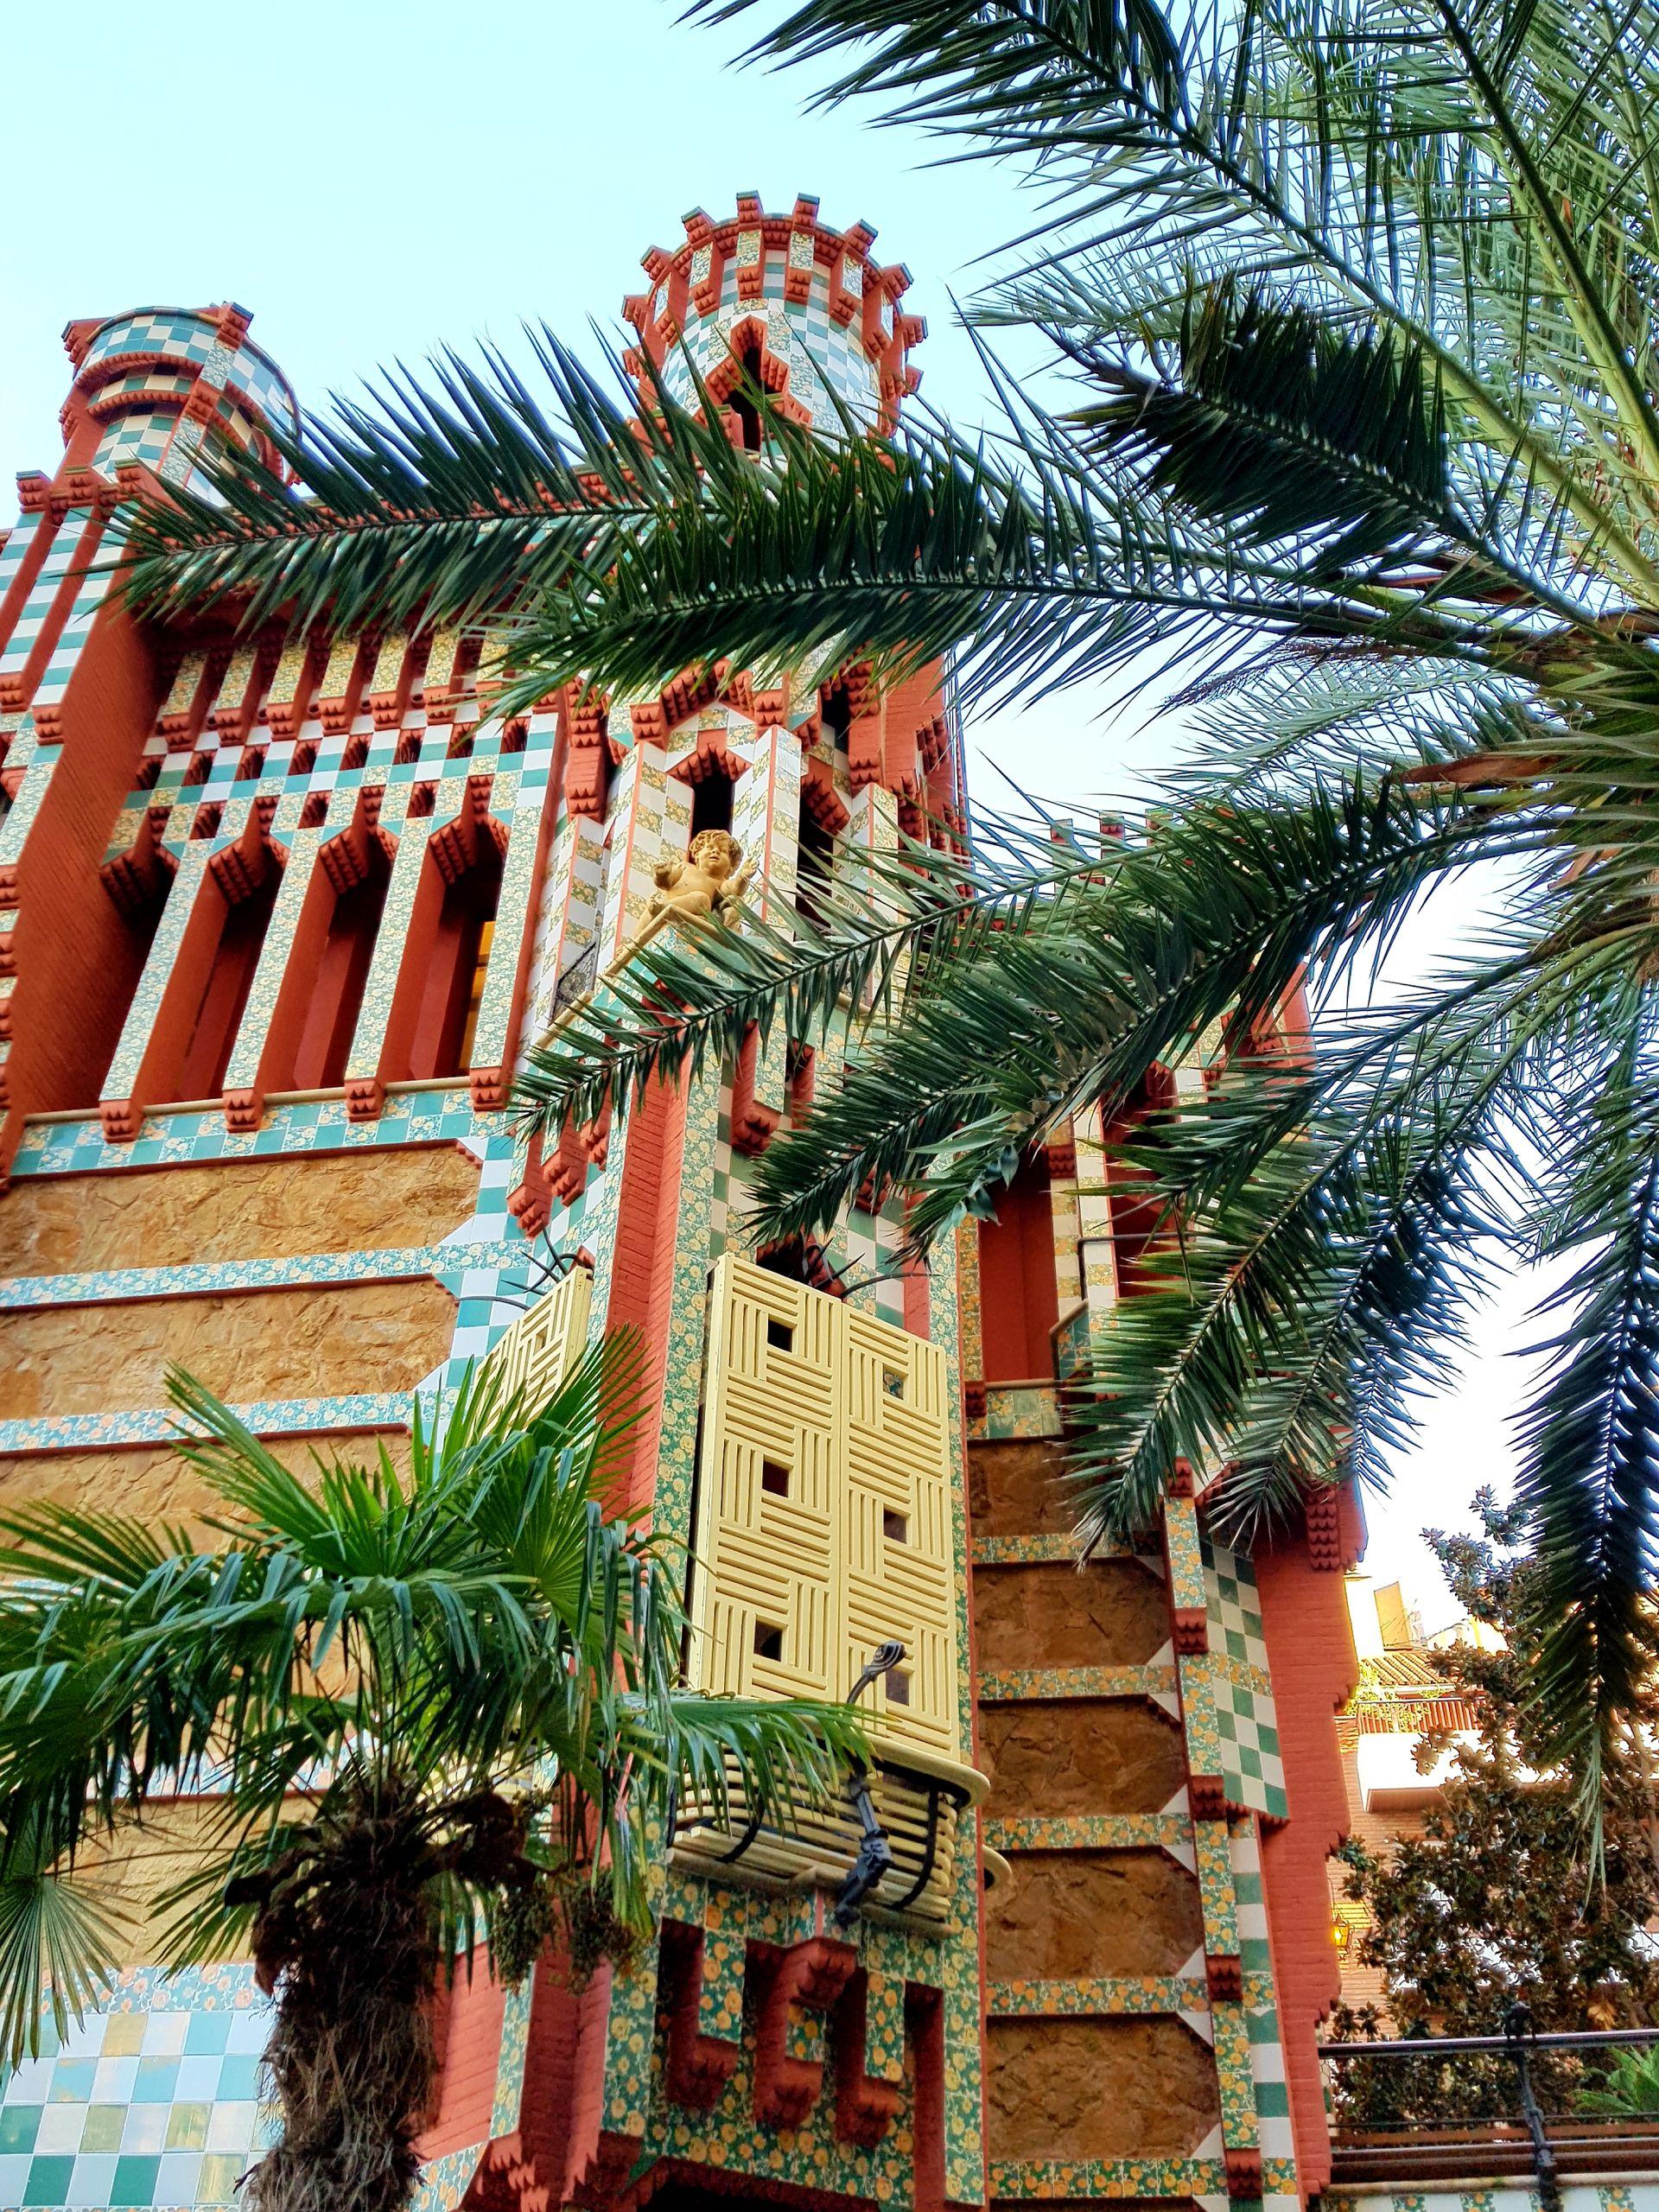 LaCasa Vicenses un edificiomodernistaque seconstruyó entre 1883 y 1888. En la fecha en la que se construyó, Gracia era todavía un núcleo urbano independiente de Barcelona y poseedor de Ayuntamiento propio, con la categoría de villa.Esta obra pertenece a laetapa orientalistade Gaudí.